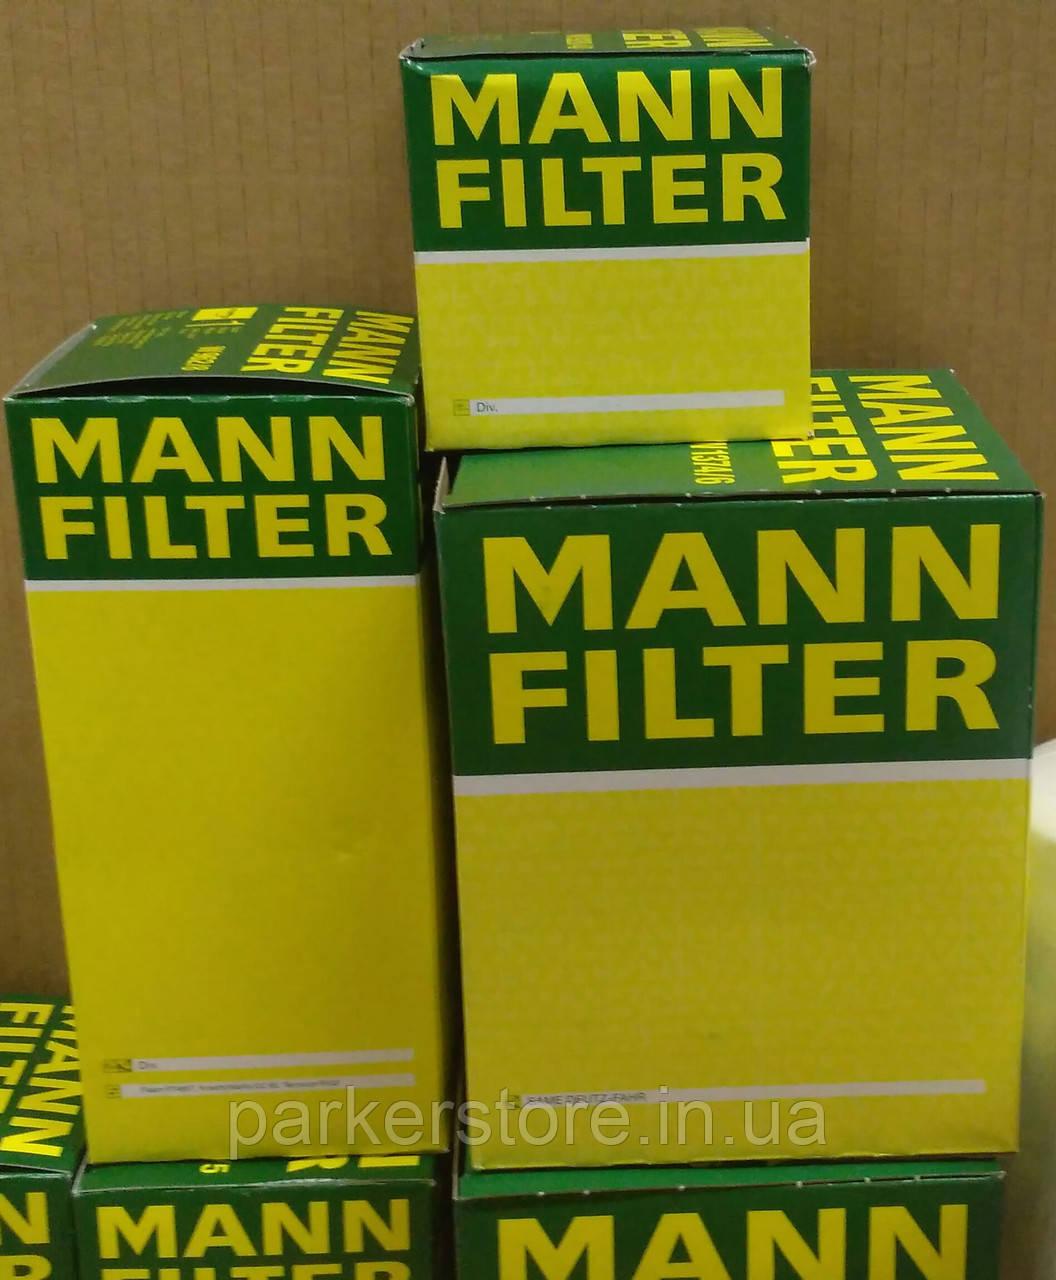 MANN FILTER / Воздушный фильтр / C 1150 / C1150